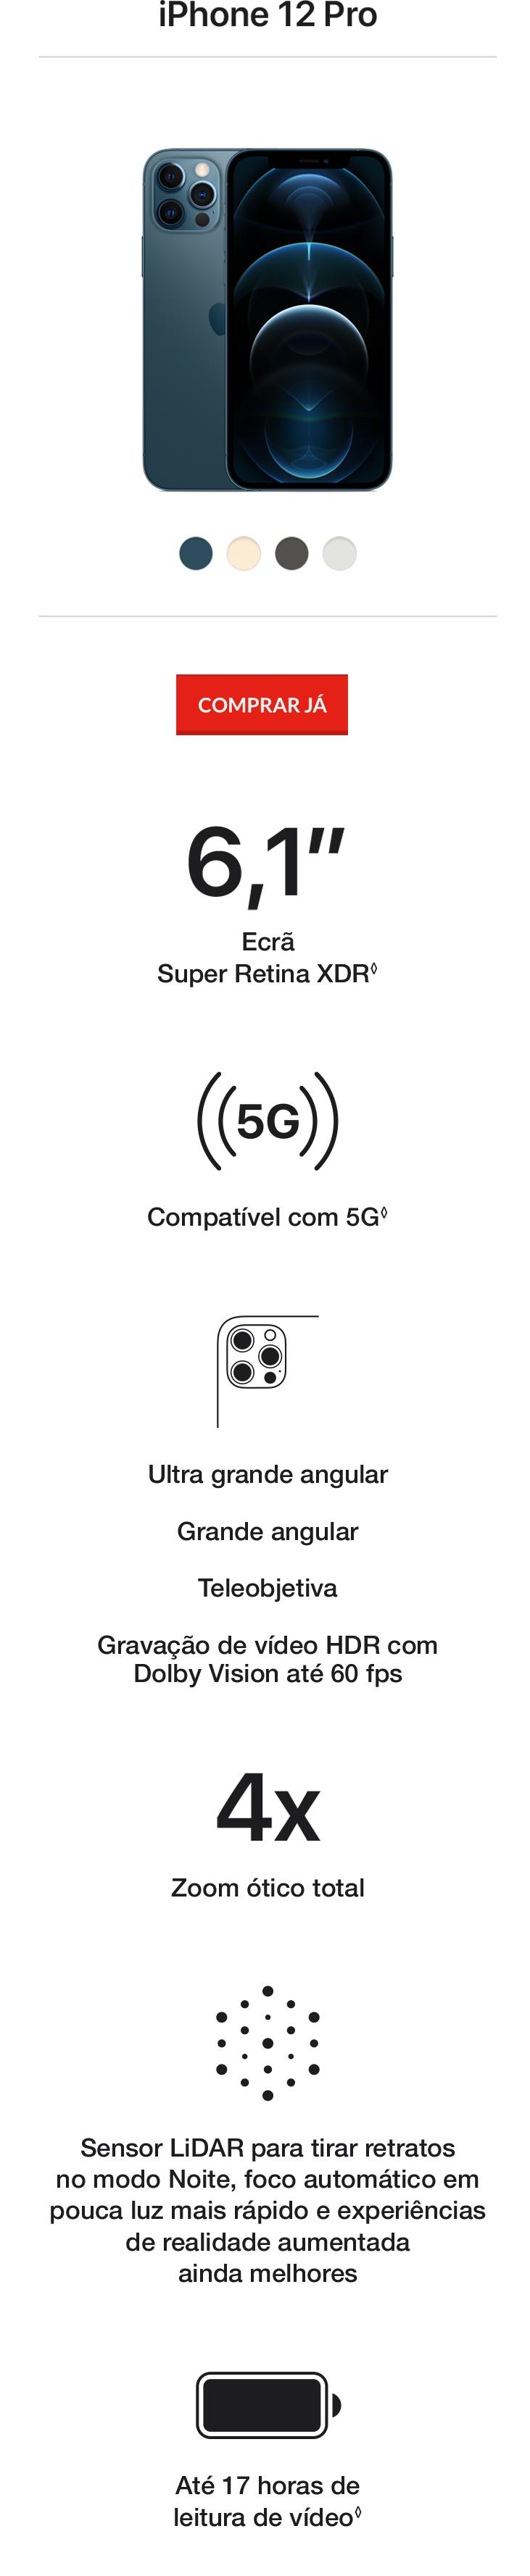 iPhone 12 e iPhone 12 Mini Encontre o iPhone ideal